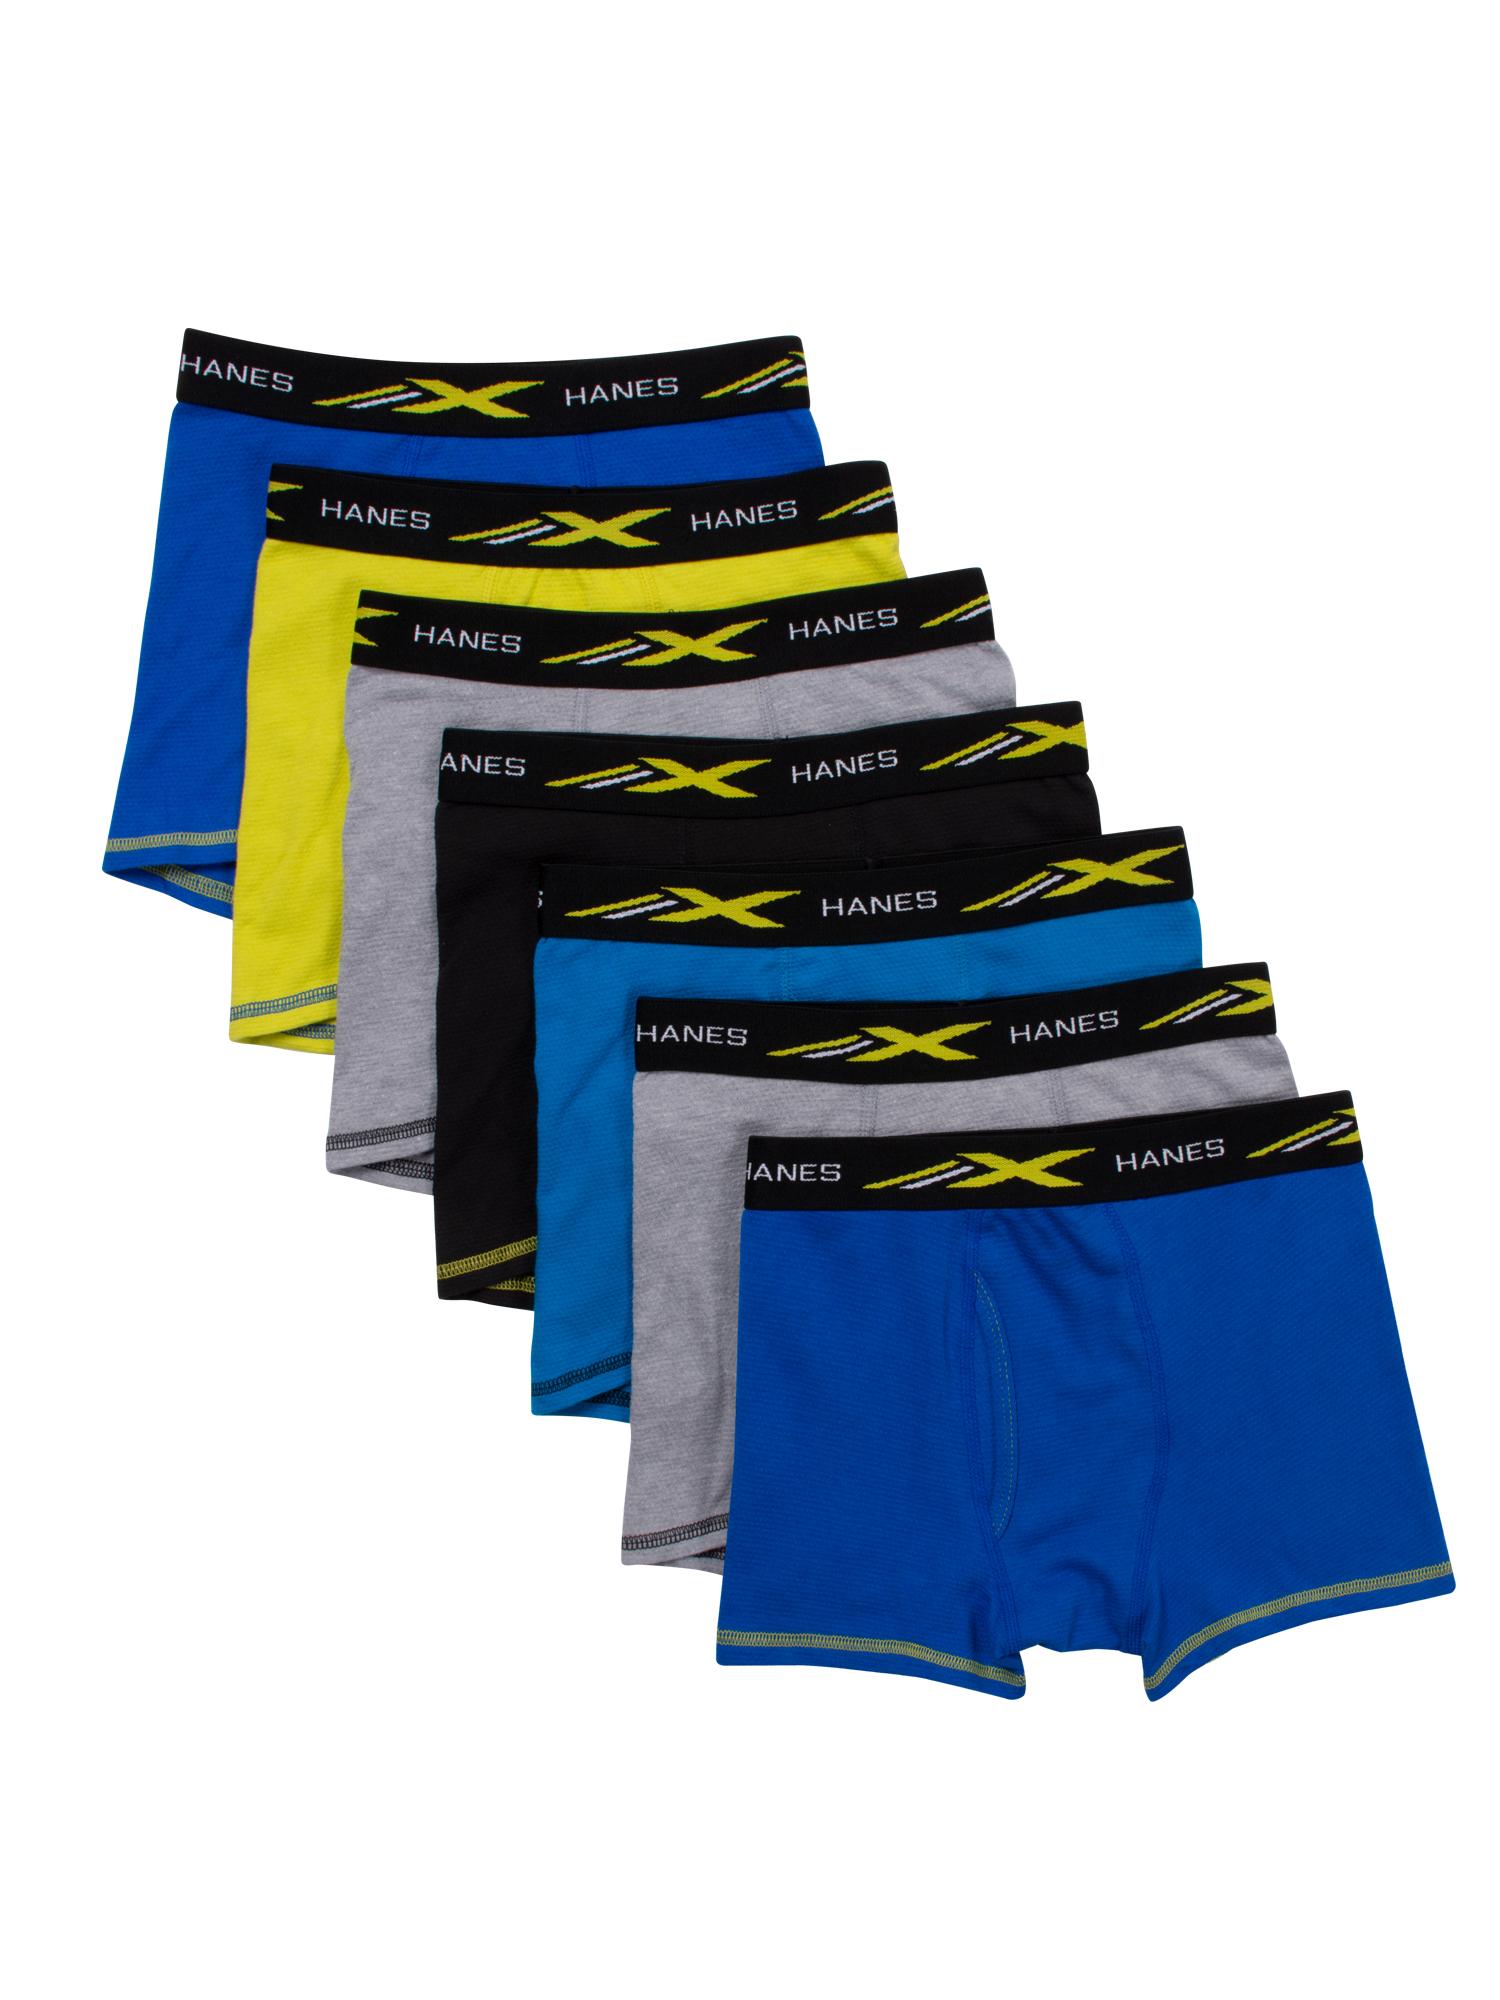 Boys Tagless Super Soft Briefs 5-Pack Underwear